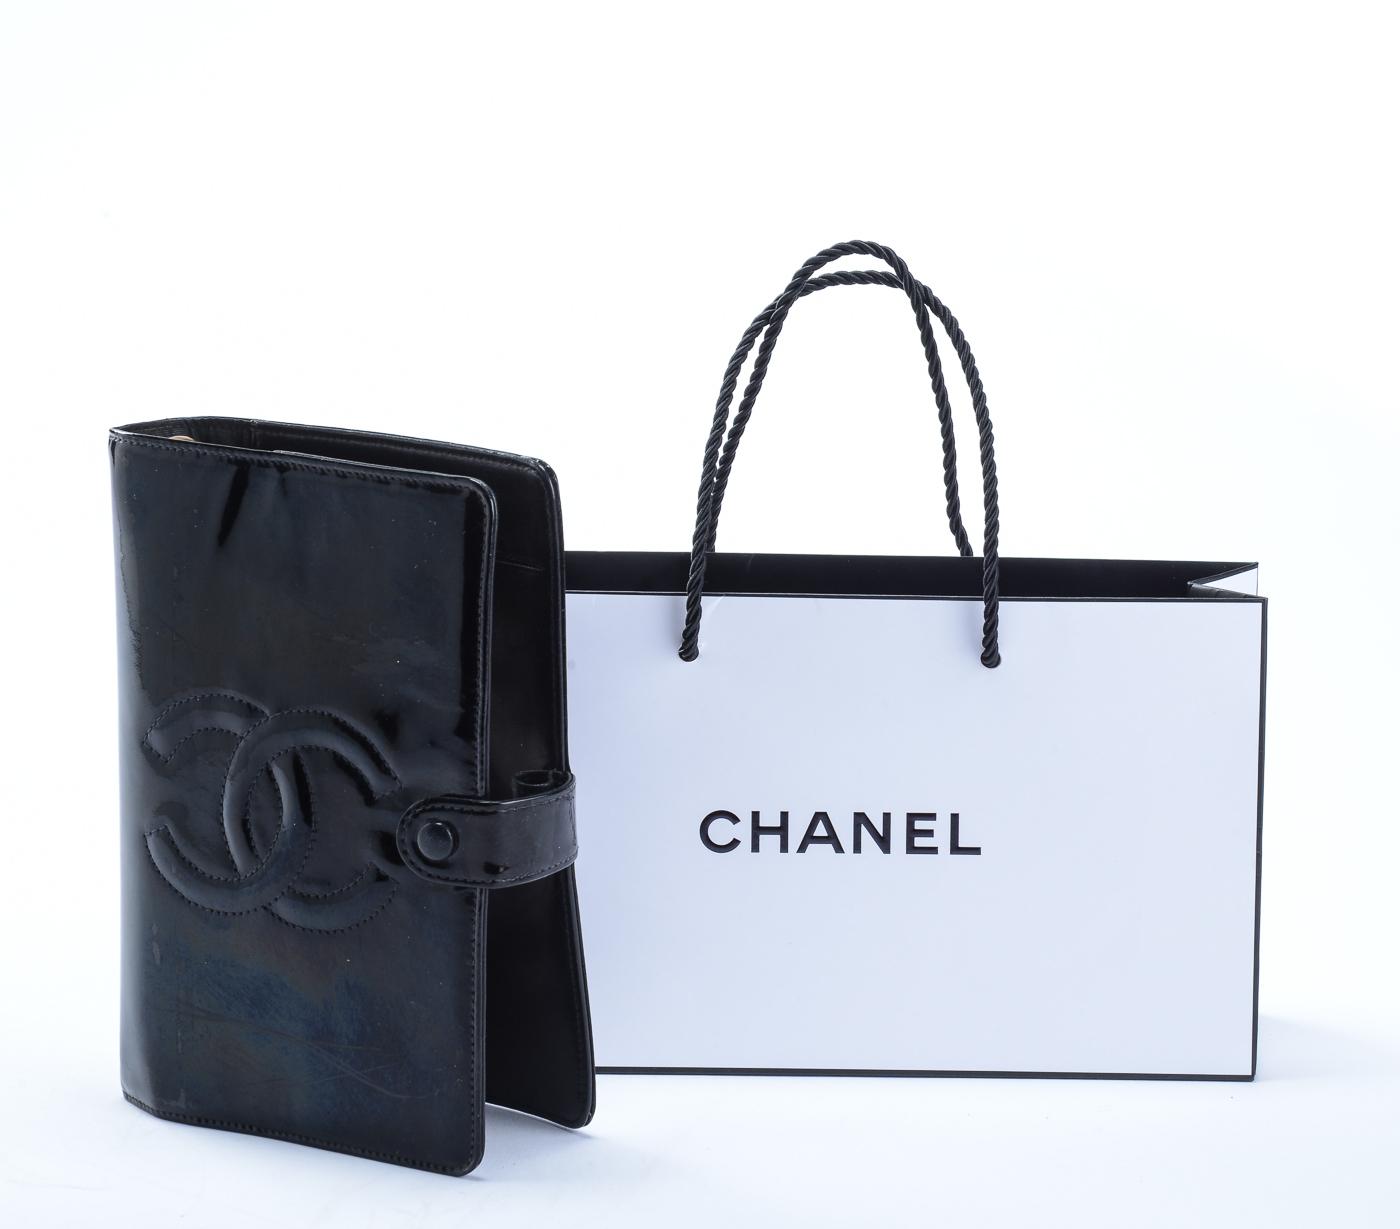 Chanel, kalender - Chanel, kalender udført af sort laklæder. Indvendigt med plads til planner samt par sidelommer. 18,5 cm x 13 cm. Udført i perioden 1996-1997